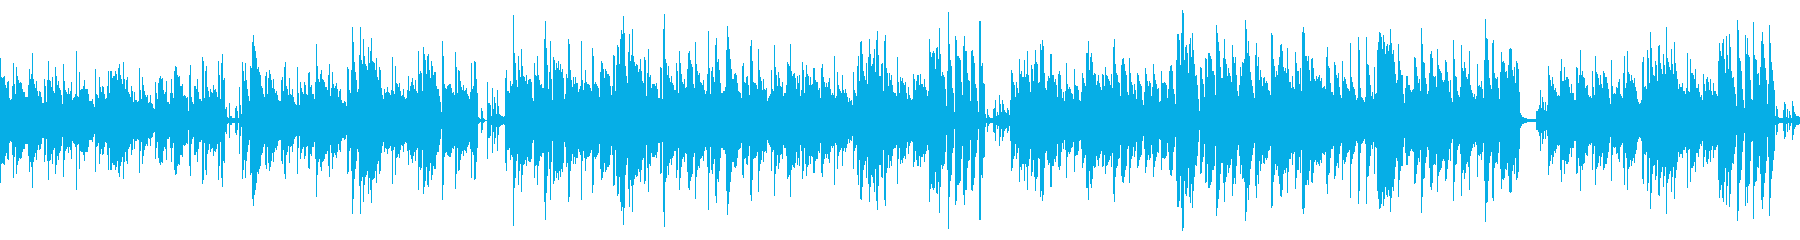 温かい・ほのぼの・日常BGMループの再生済みの波形